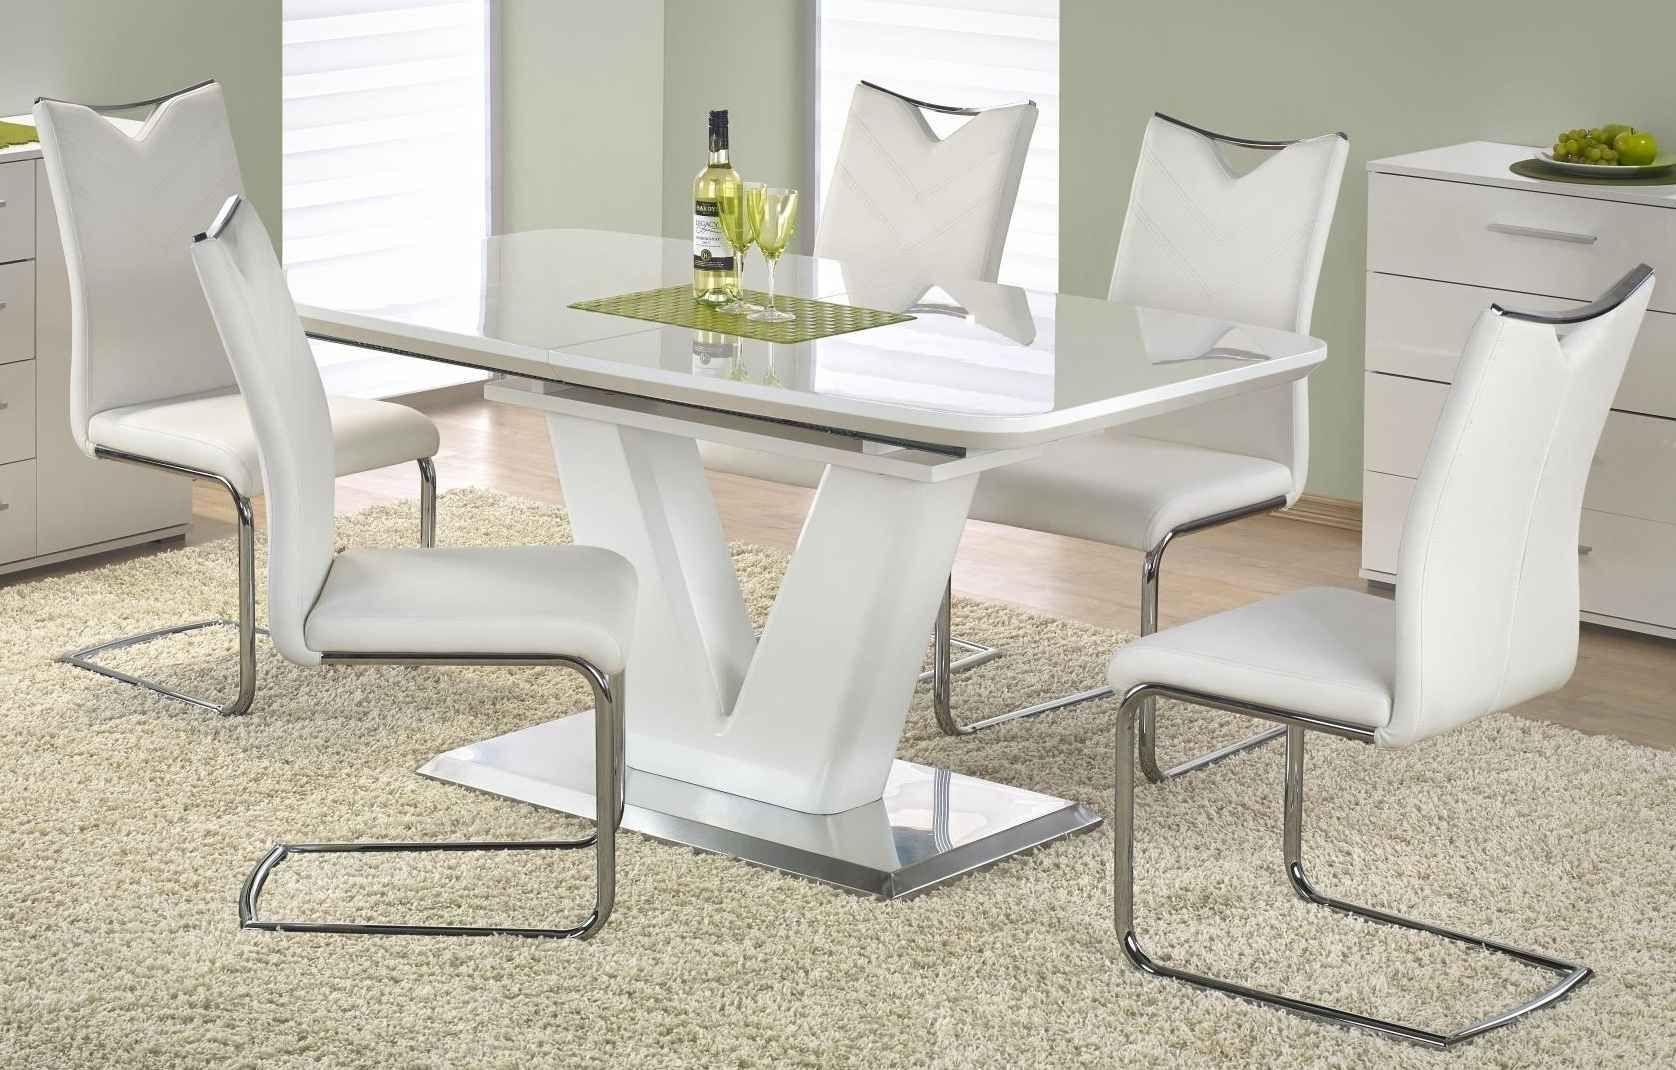 Zestaw: stół rozkładany Mistral i 4 krzesła K224 Halmar - 4 kolory